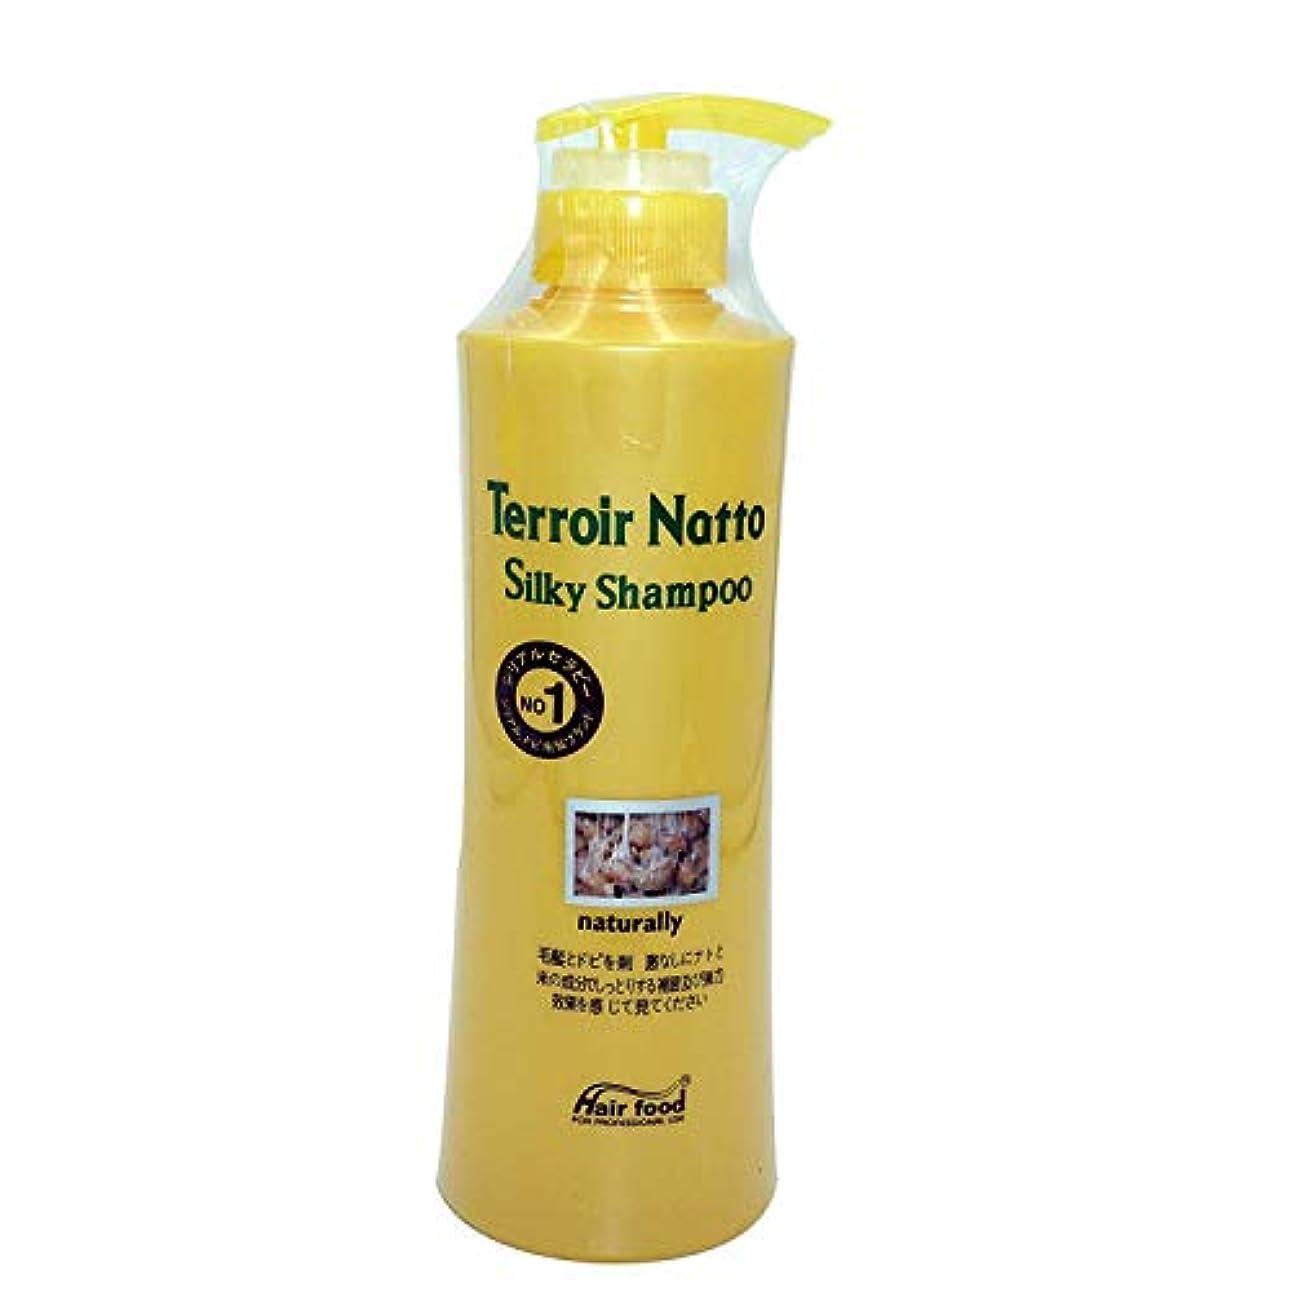 密輸同行ヒゲクジラHair food テロワール納豆シルキーシャンプー500ml、乾燥薄毛とセンシティブな頭皮用 - ビタミンタンパクによる弾力ヘア (Terroir Natto Silky Shampoo 500ml for Dry Thin Hair and Sensitive Scalp - Elastic Hair by Vitamin Protein)[並行輸入品]